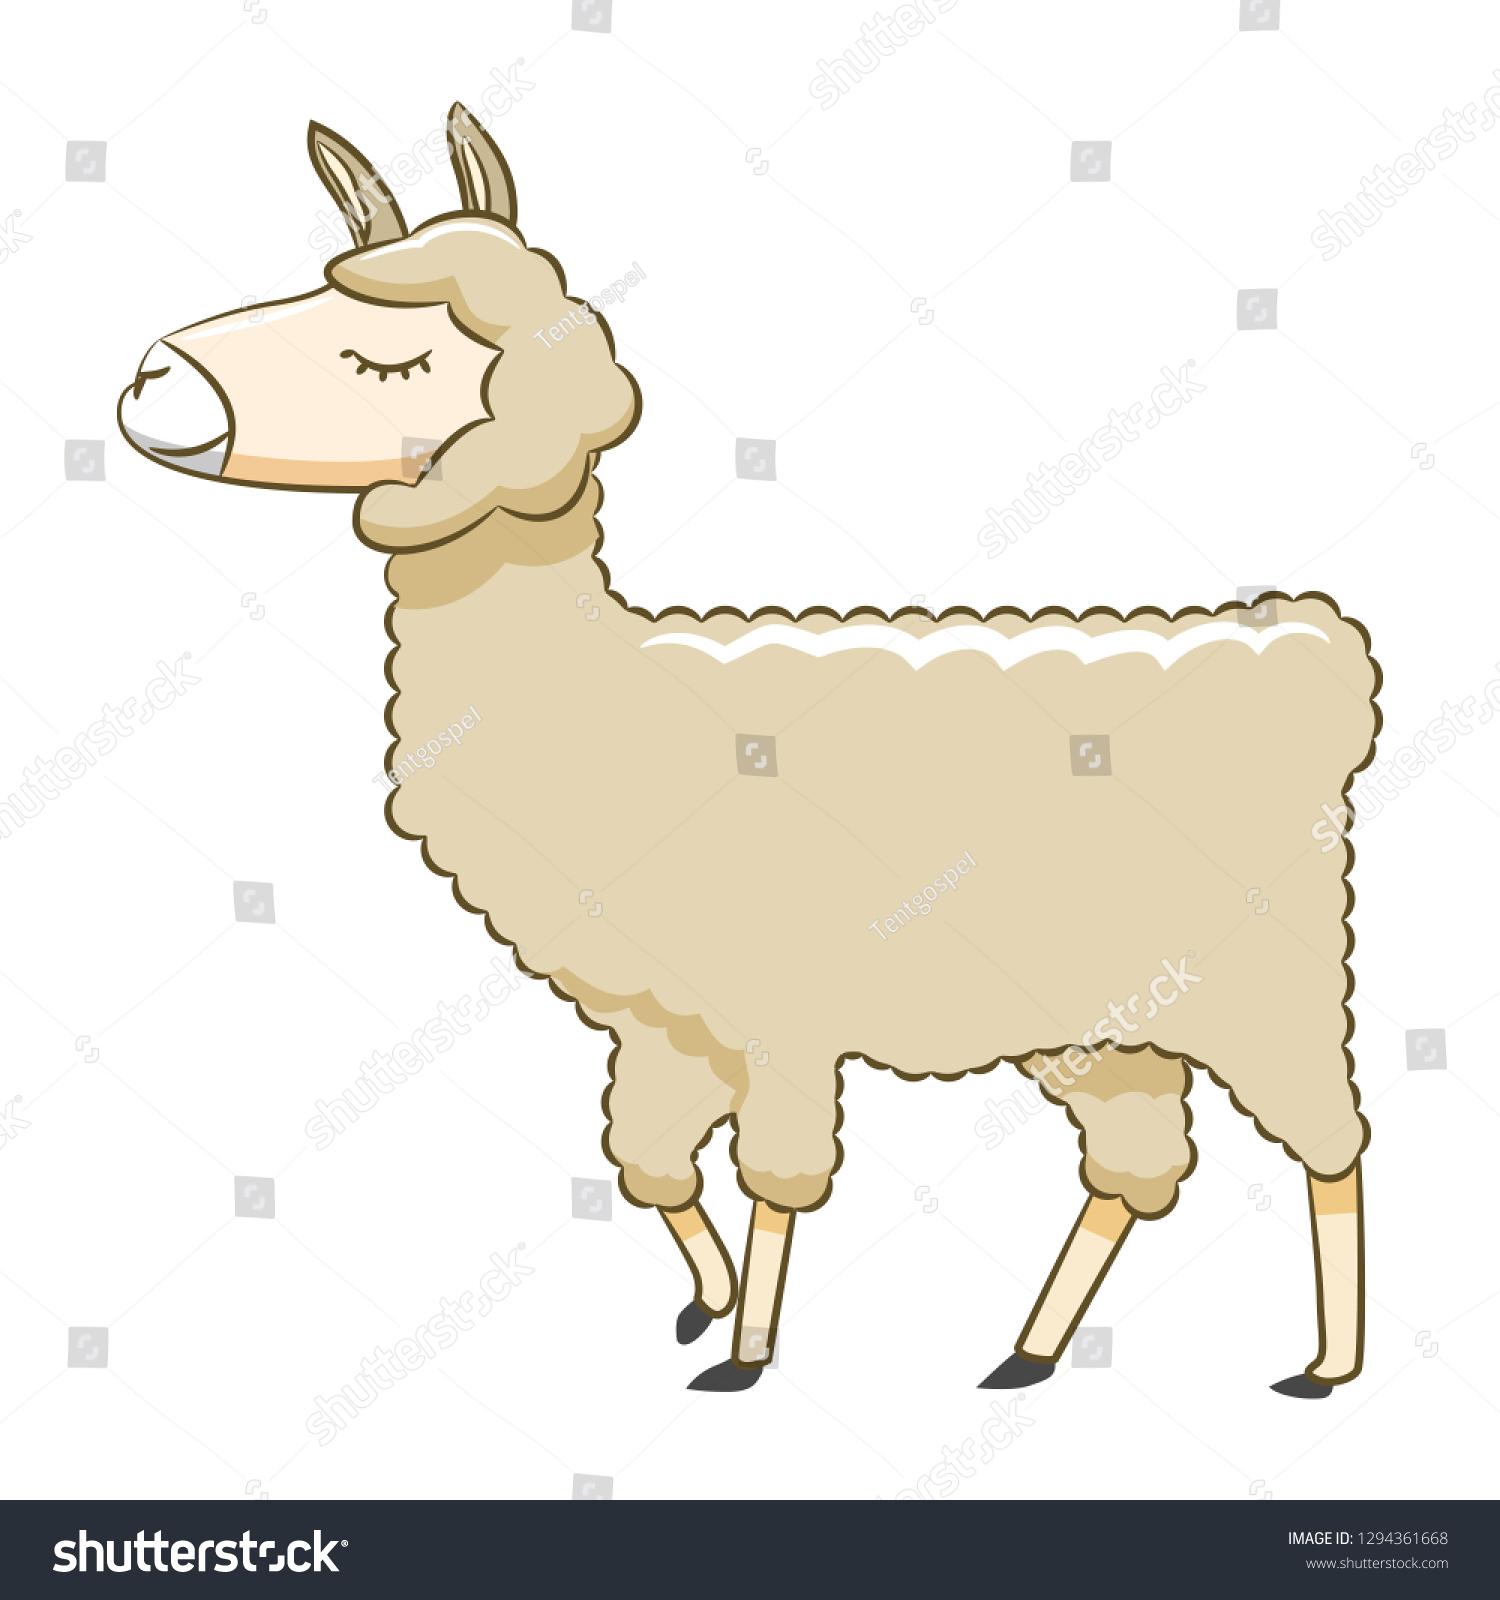 hight resolution of llama clipart cartoon